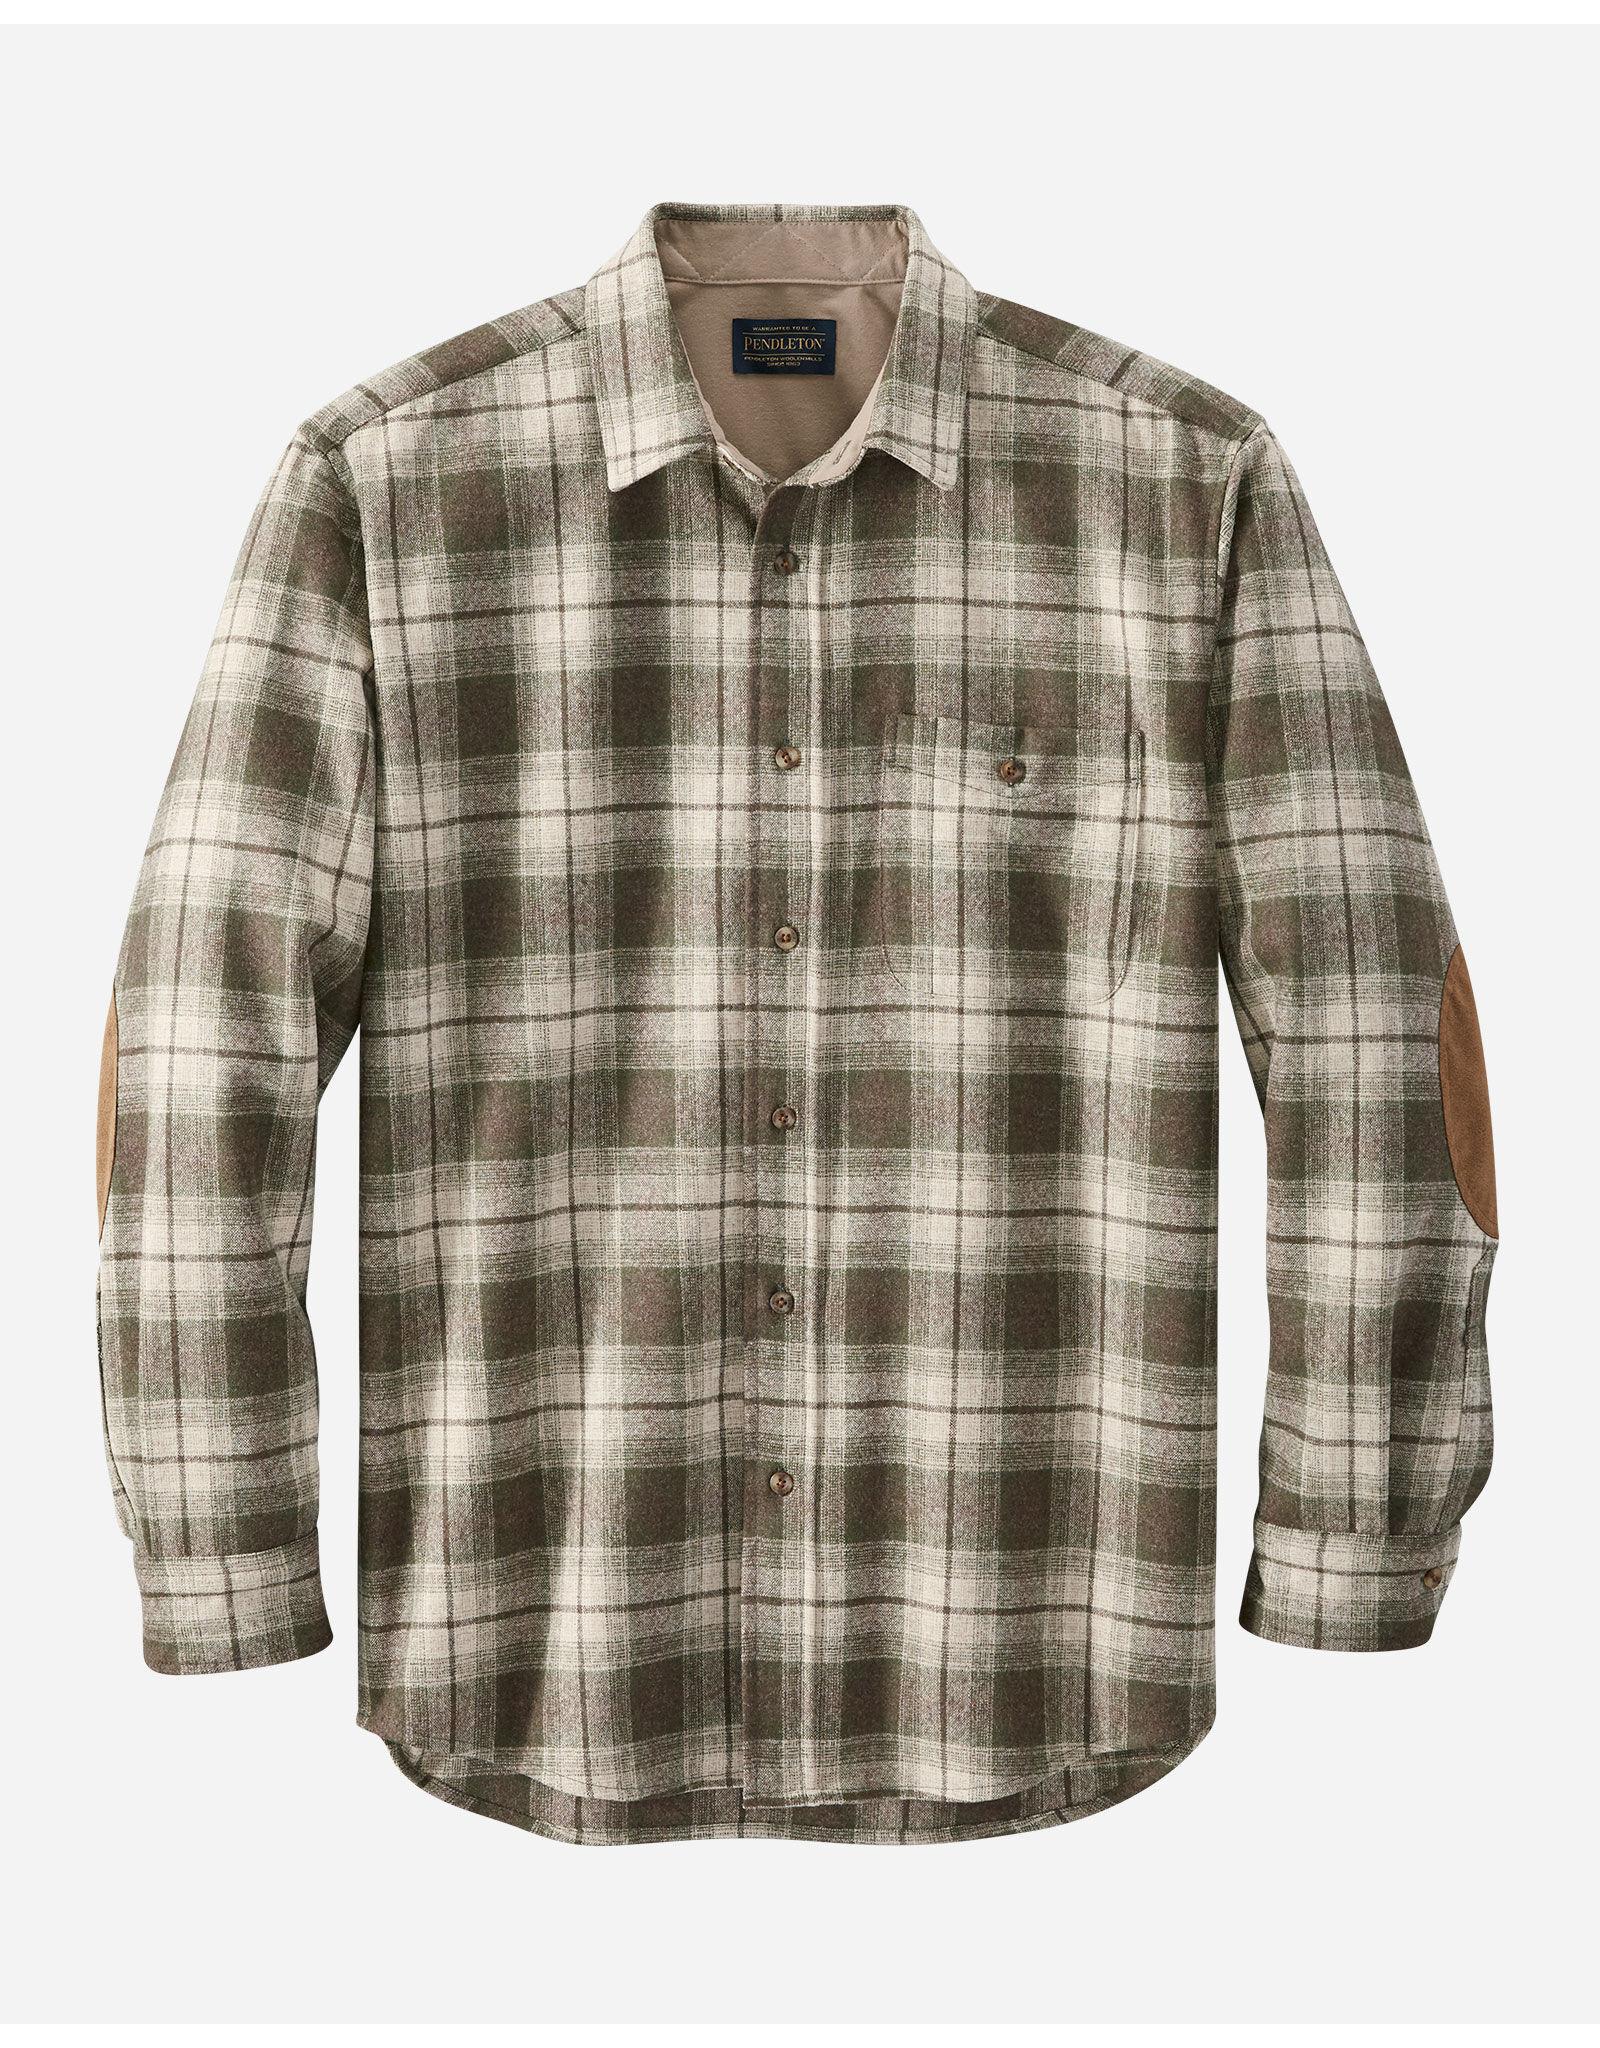 Pendleton Pendleton RA529 Trail Shirt - 2 Colors